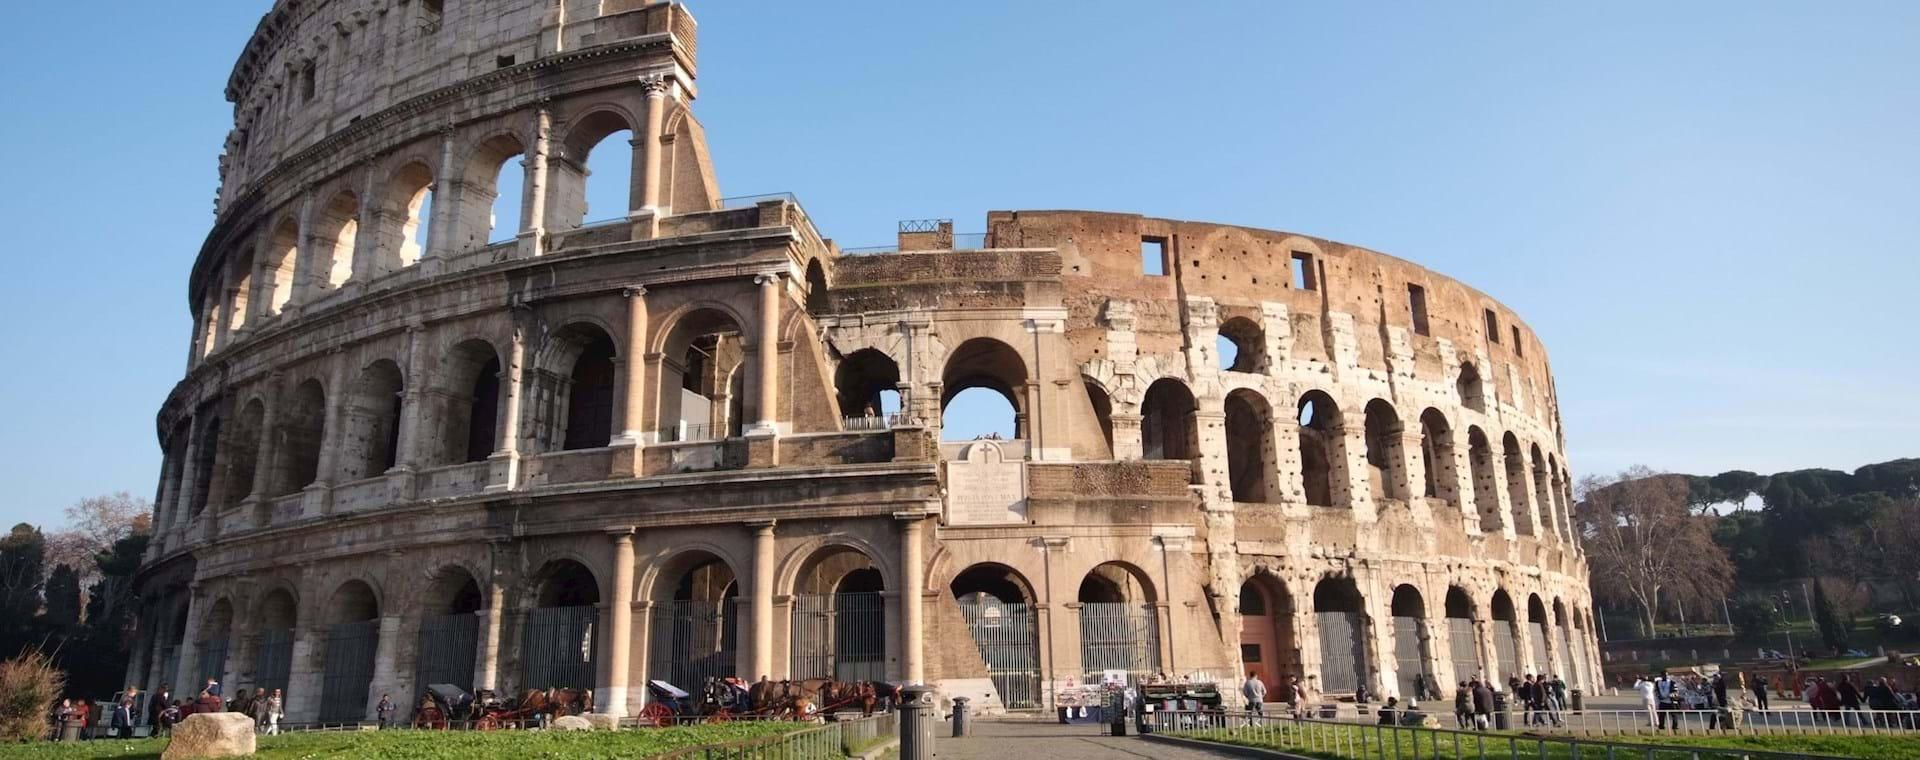 Private Full-Day Shore Excursion: Rome in One Day from Civitavecchia